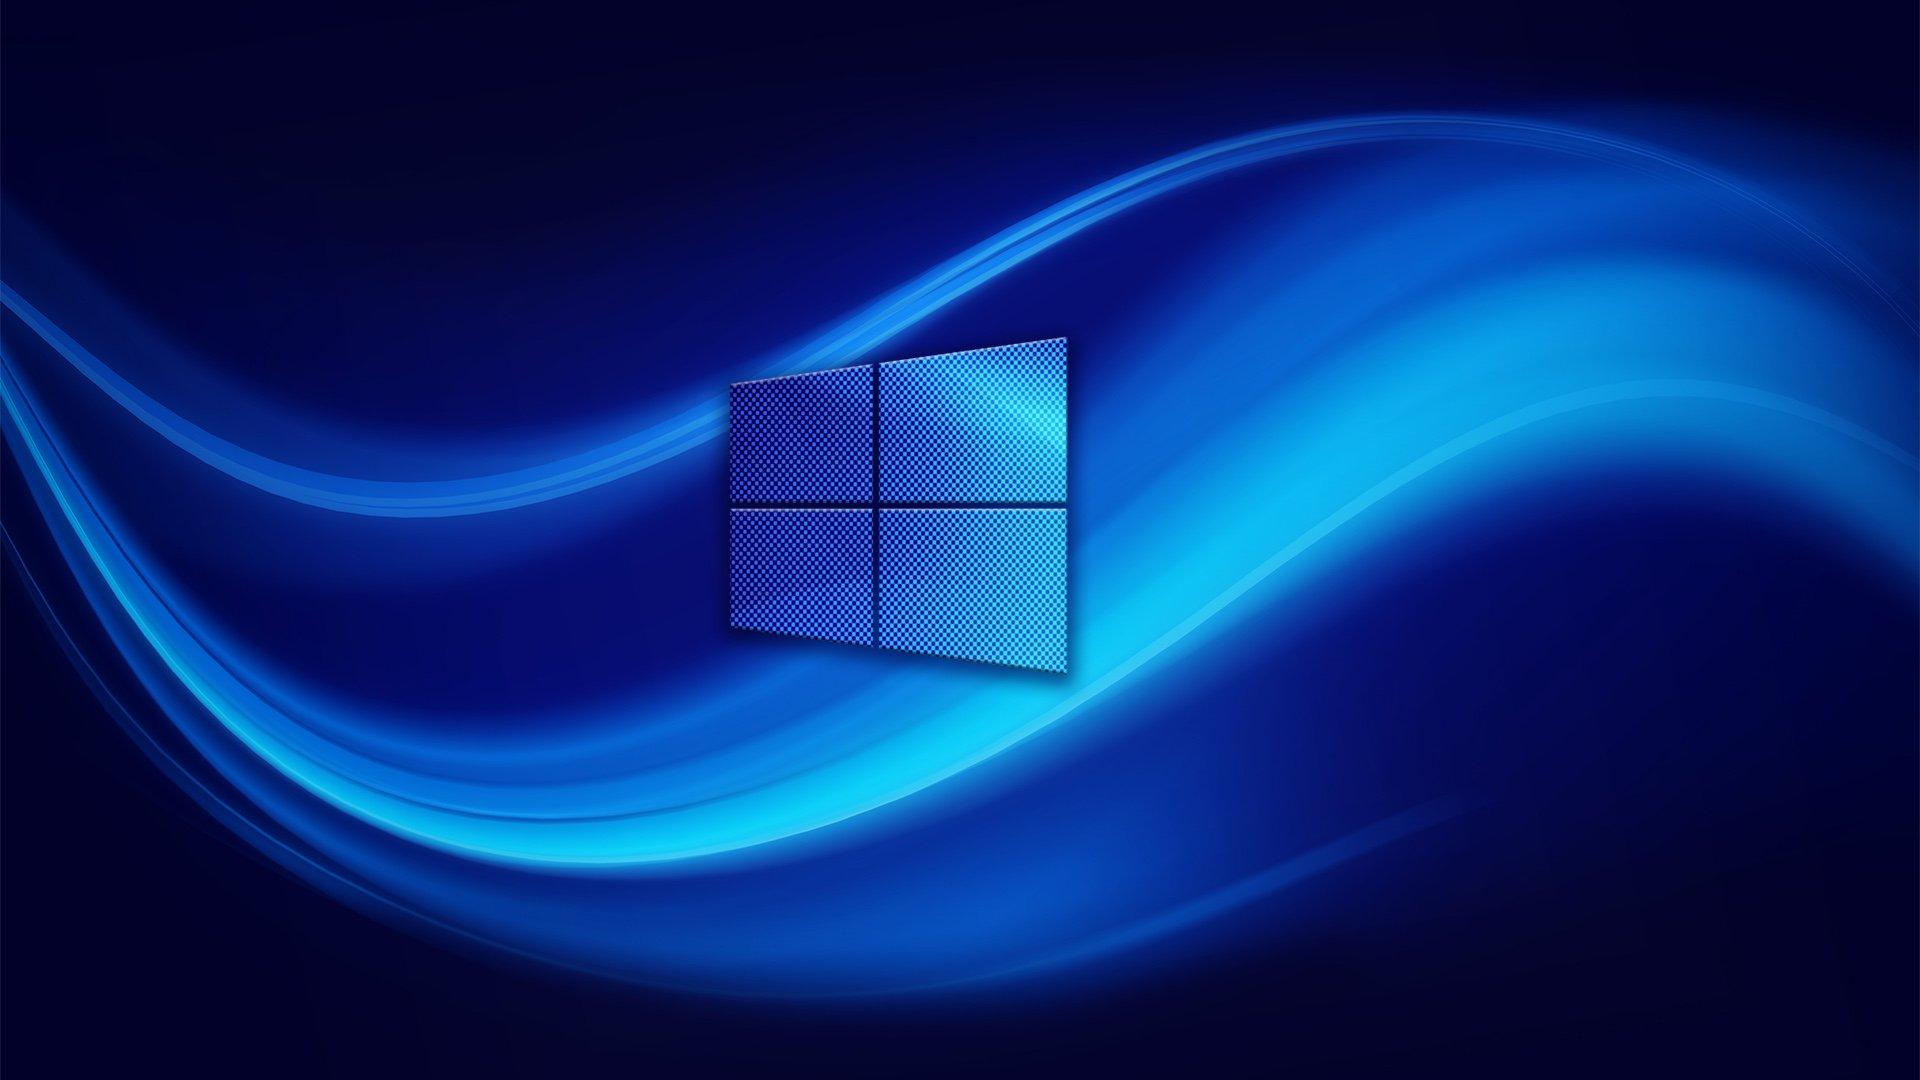 Windows-компьютер уже делают подобным телефону в главном?